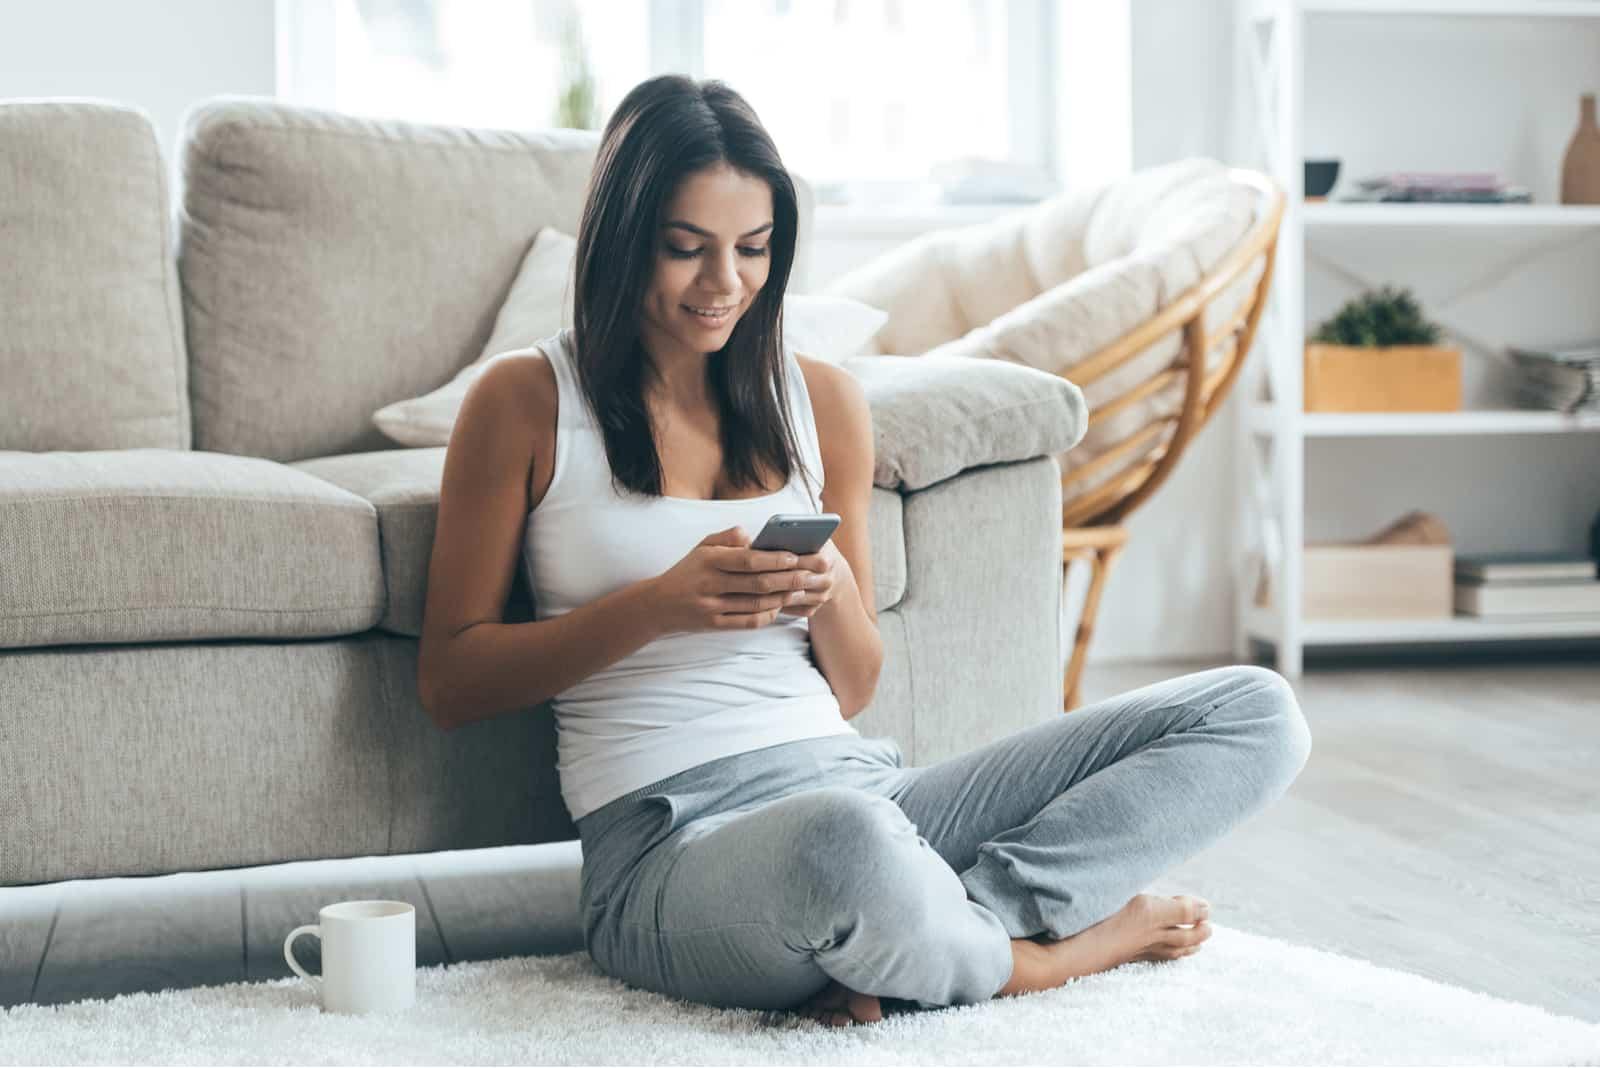 une femme souriante est assise sur le sol et les touches sur le téléphone